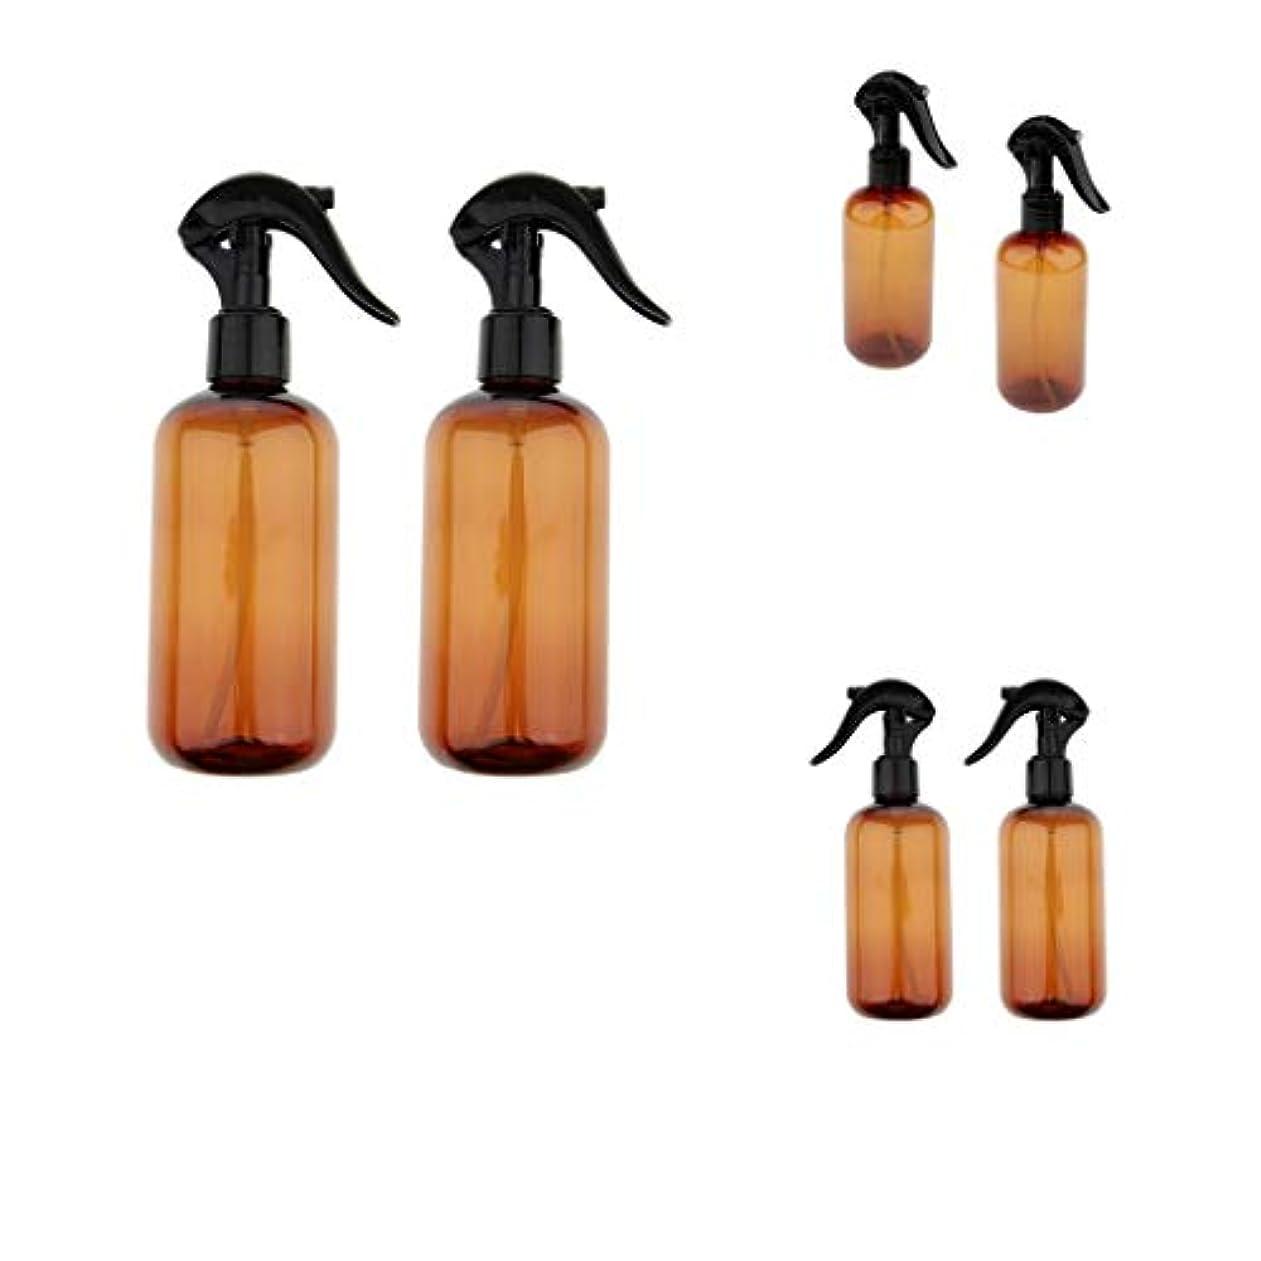 スカルク人道的畝間小分けボトル トラベルボトル スプレーボトル 詰替用ボトル 旅行用品 霧吹き 250ml 6個入り